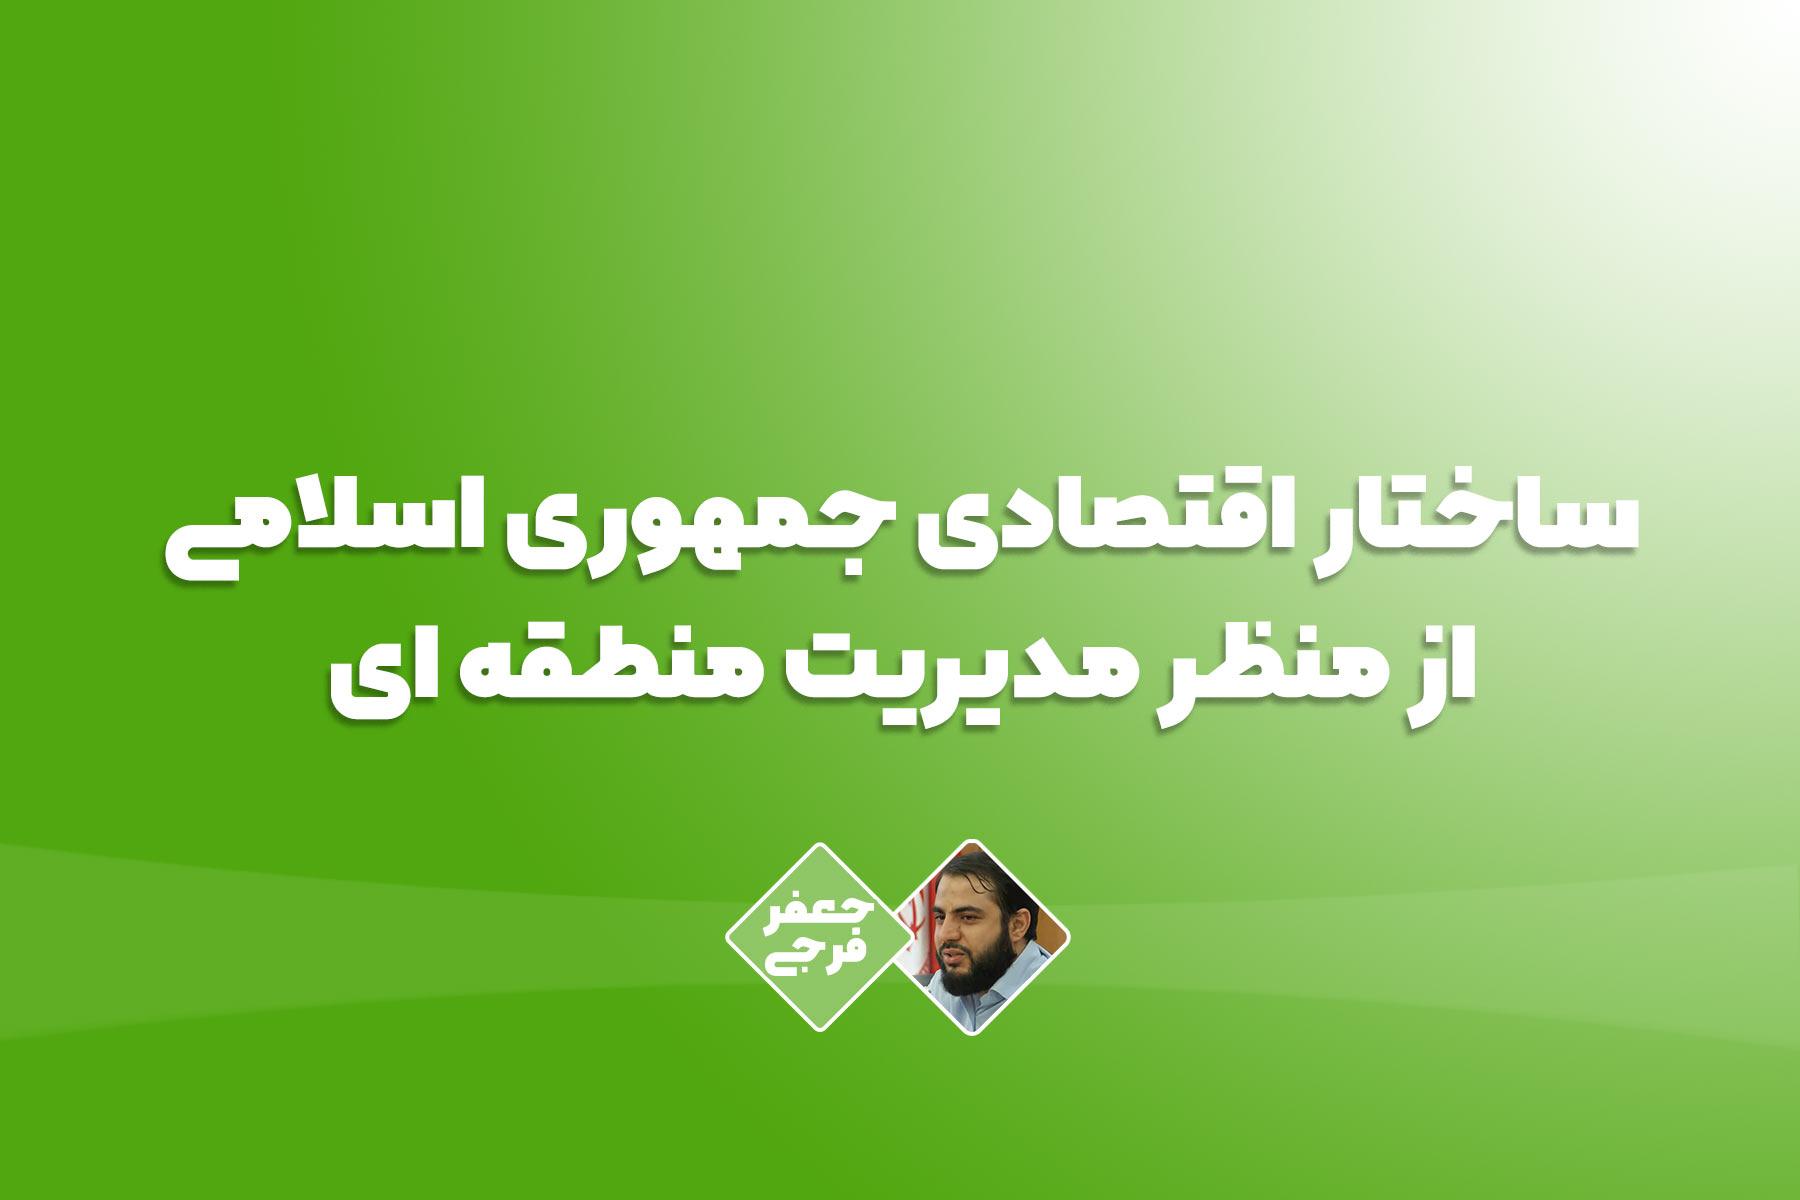 ساختار اقتصادی جمهوری اسلامی از منظر مدیریت منطقه ای